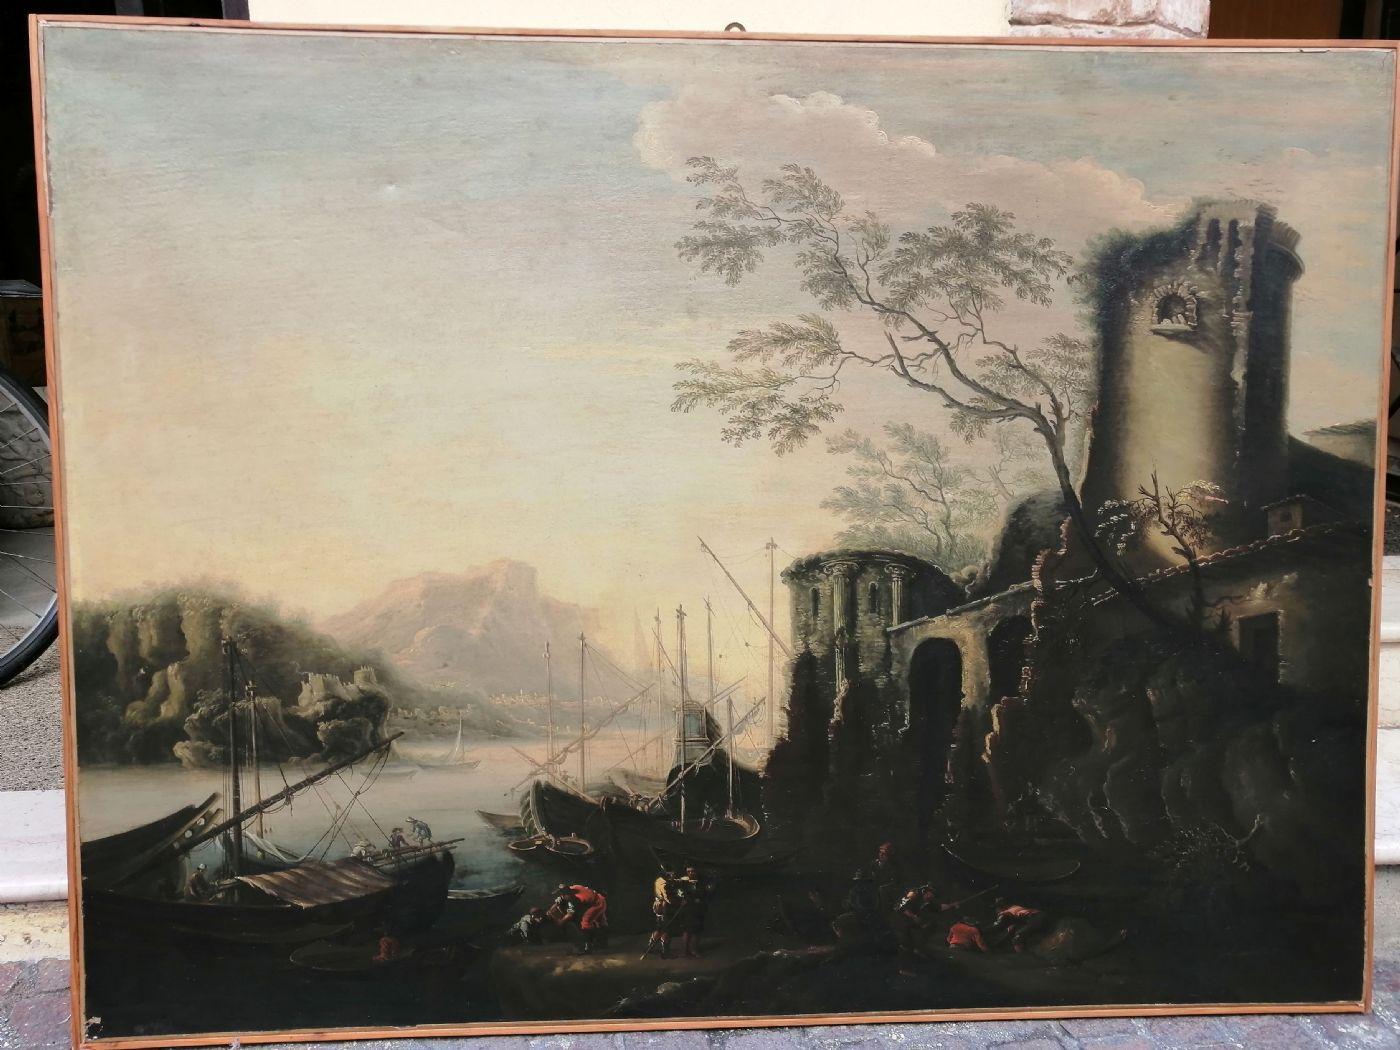 Marina delle torri - Paesaggio del '600 con squero, rovine e figure, da Salvator Rosa (1615 - 1673)